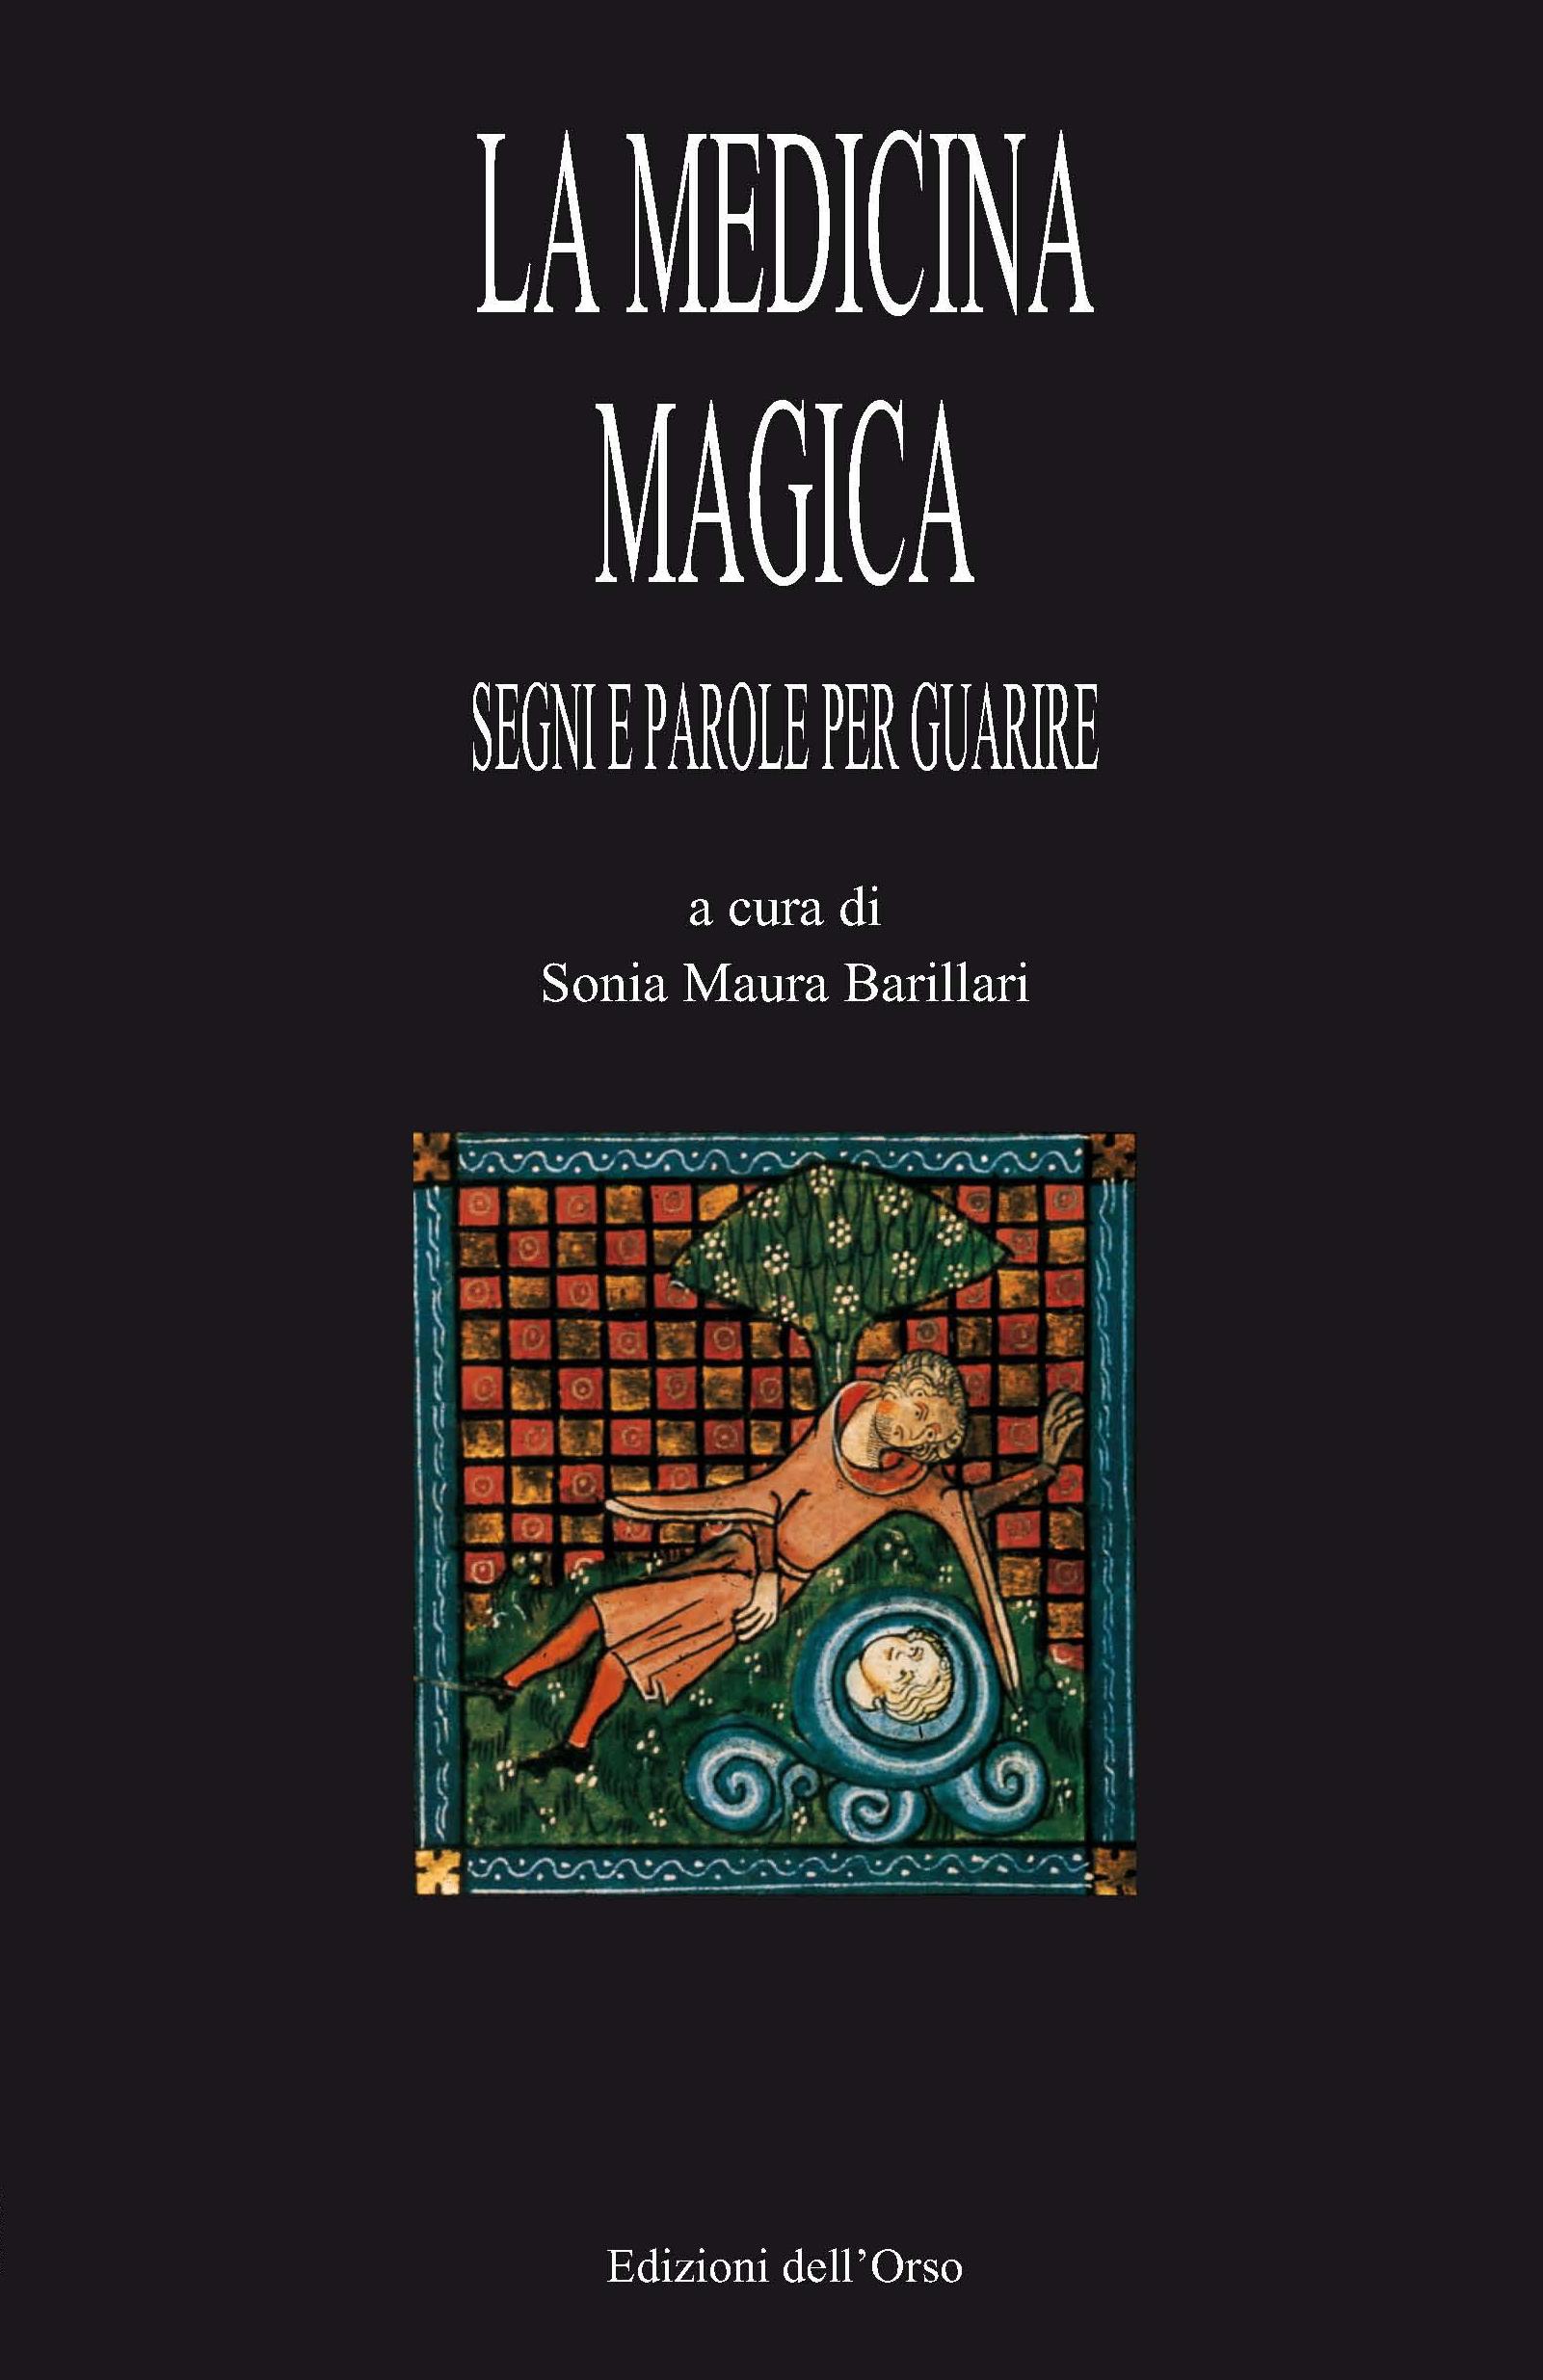 La medicina magica